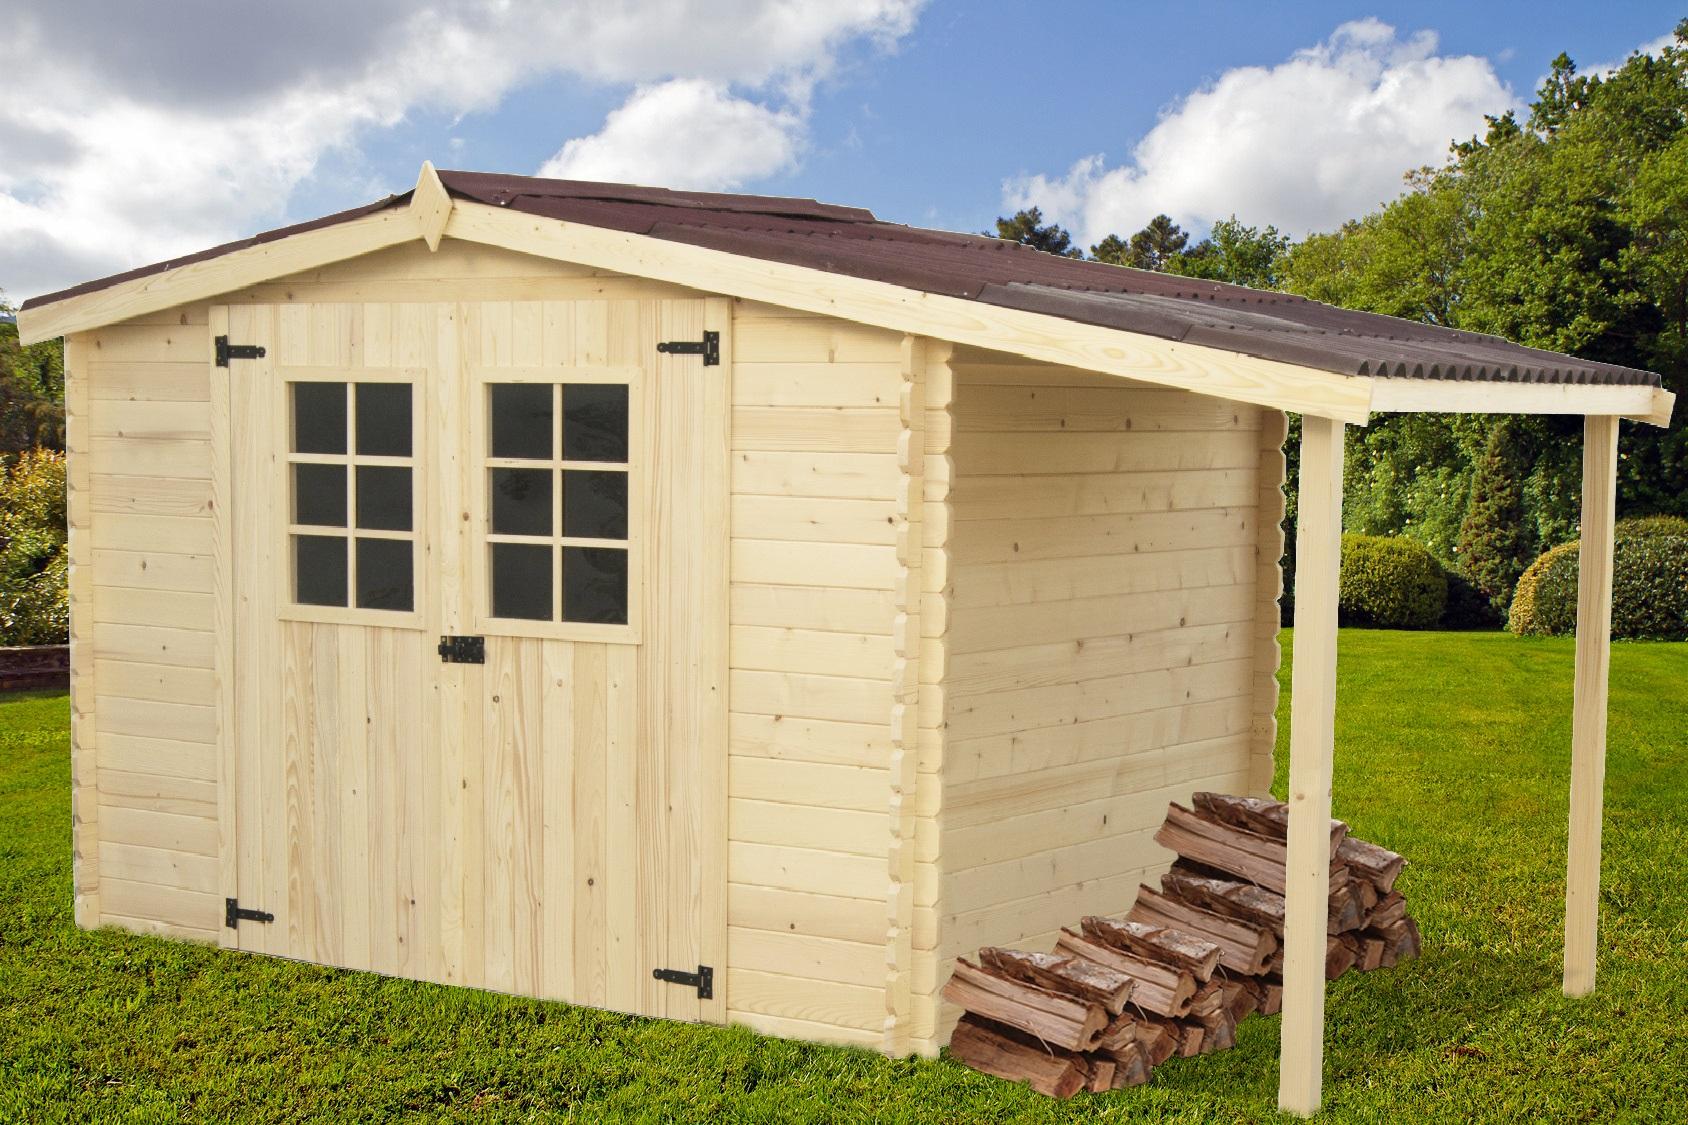 Abri De Jardin Bois Cabin 5M2 avec Abri De Jardin En Bois 5M2